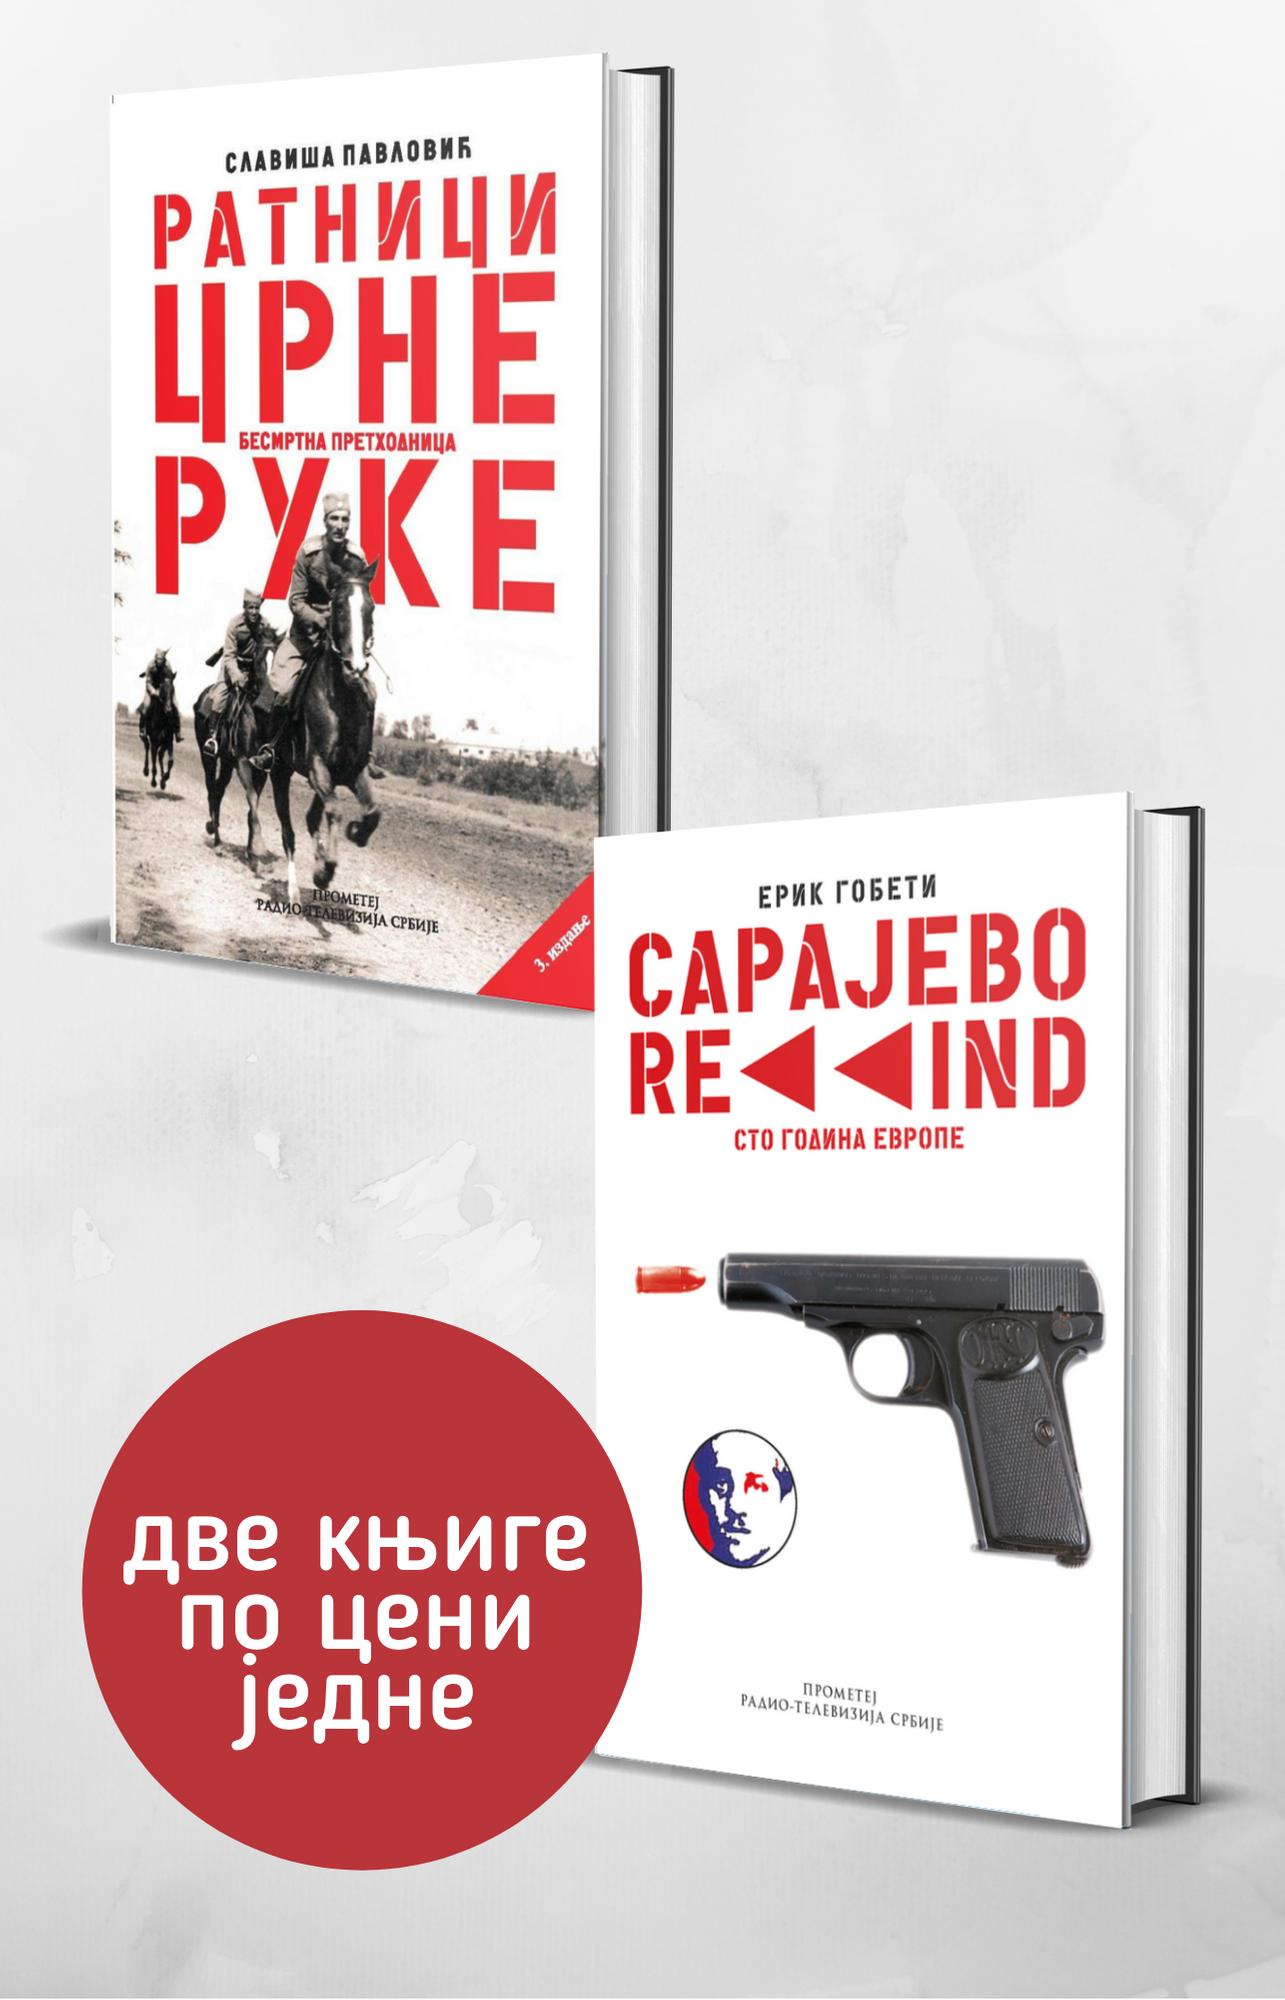 Ратници Црне руке • Сарајево Rewind